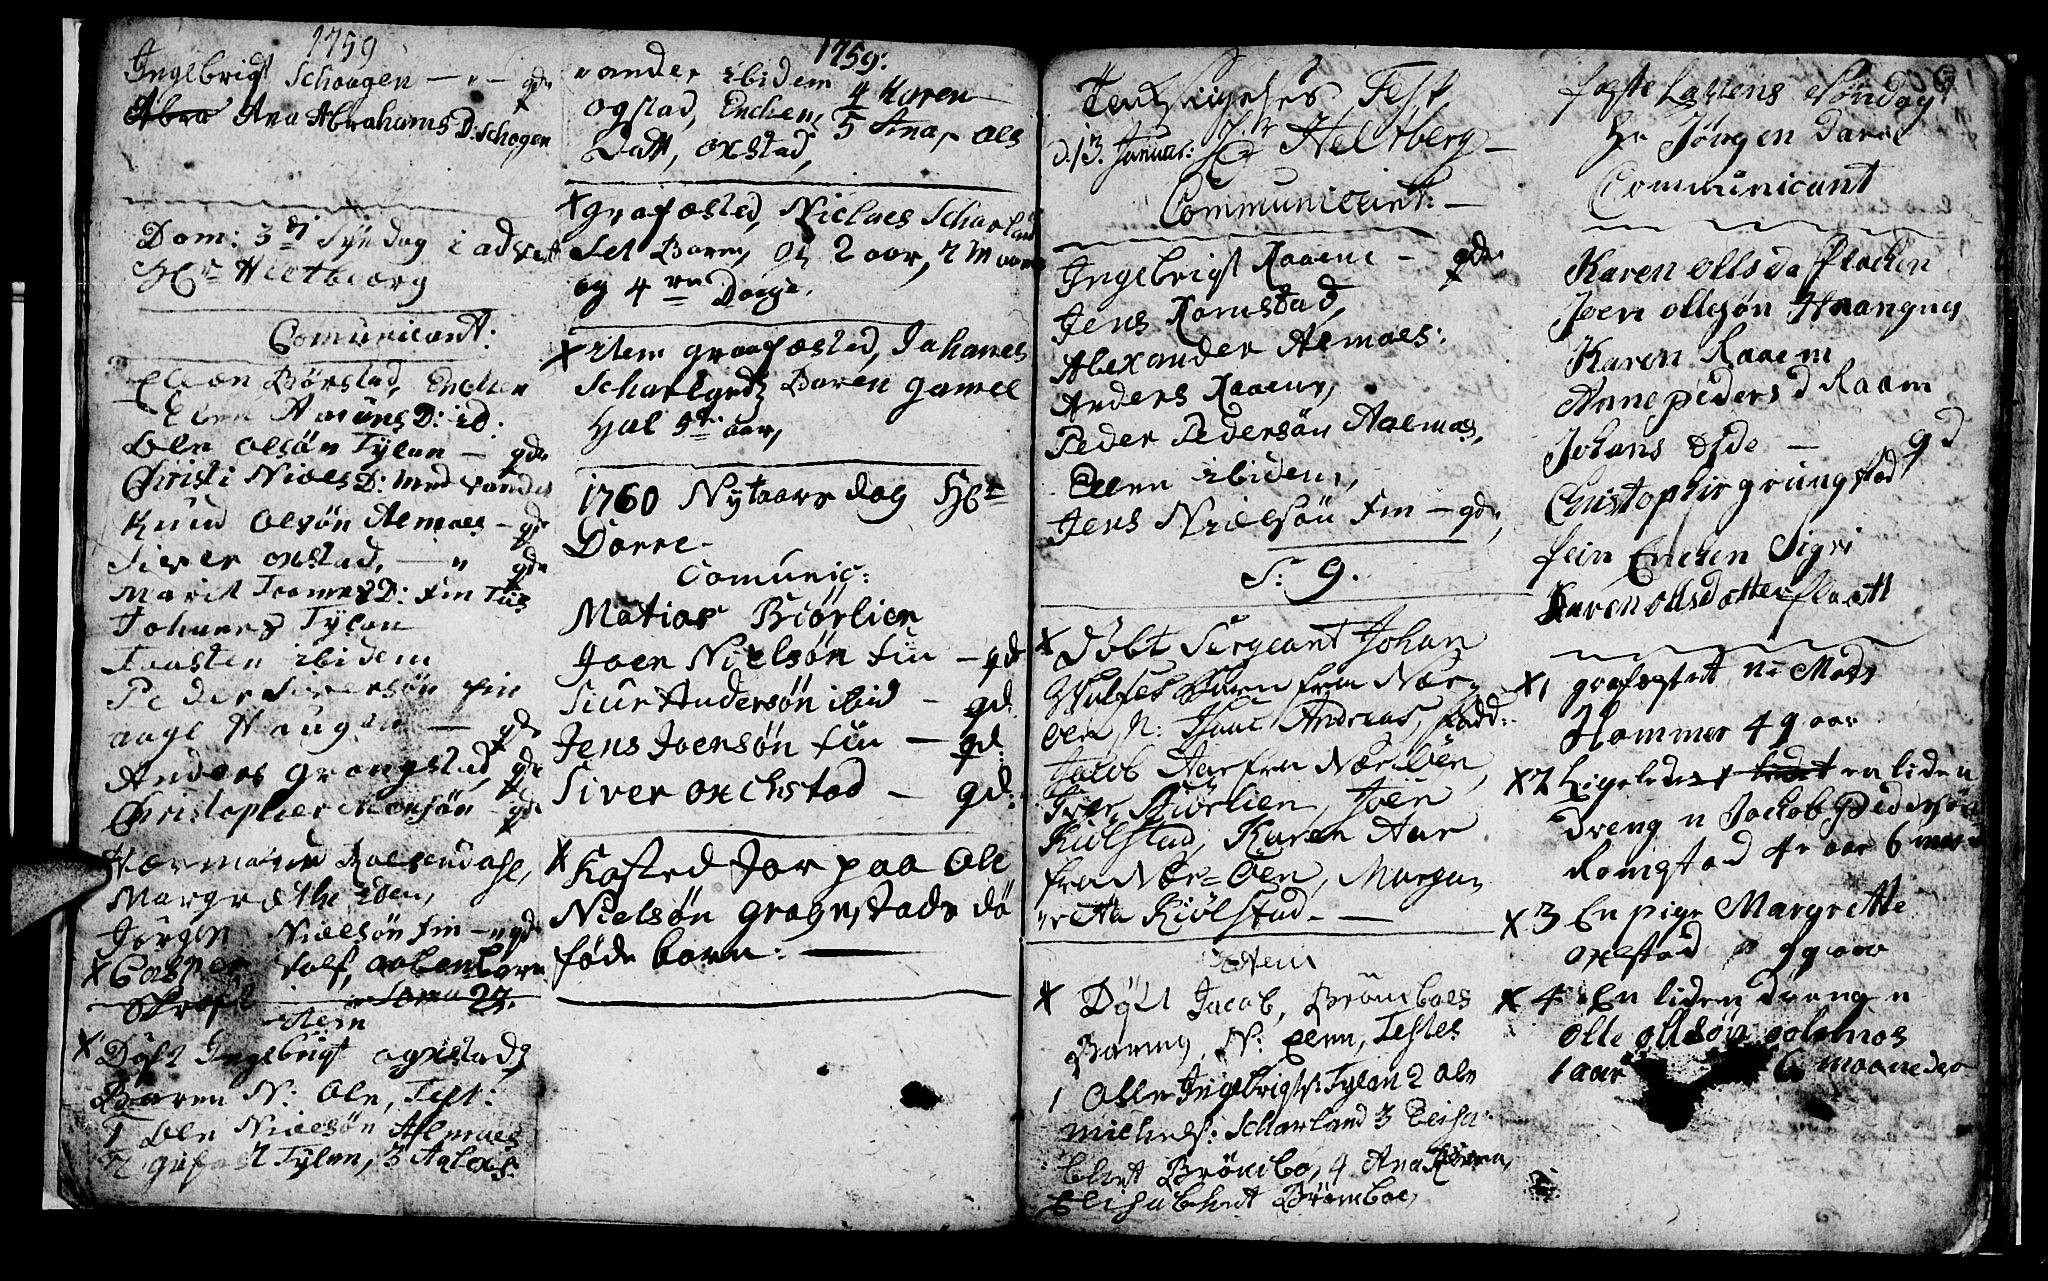 SAT, Ministerialprotokoller, klokkerbøker og fødselsregistre - Nord-Trøndelag, 765/L0561: Ministerialbok nr. 765A02, 1758-1765, s. 9